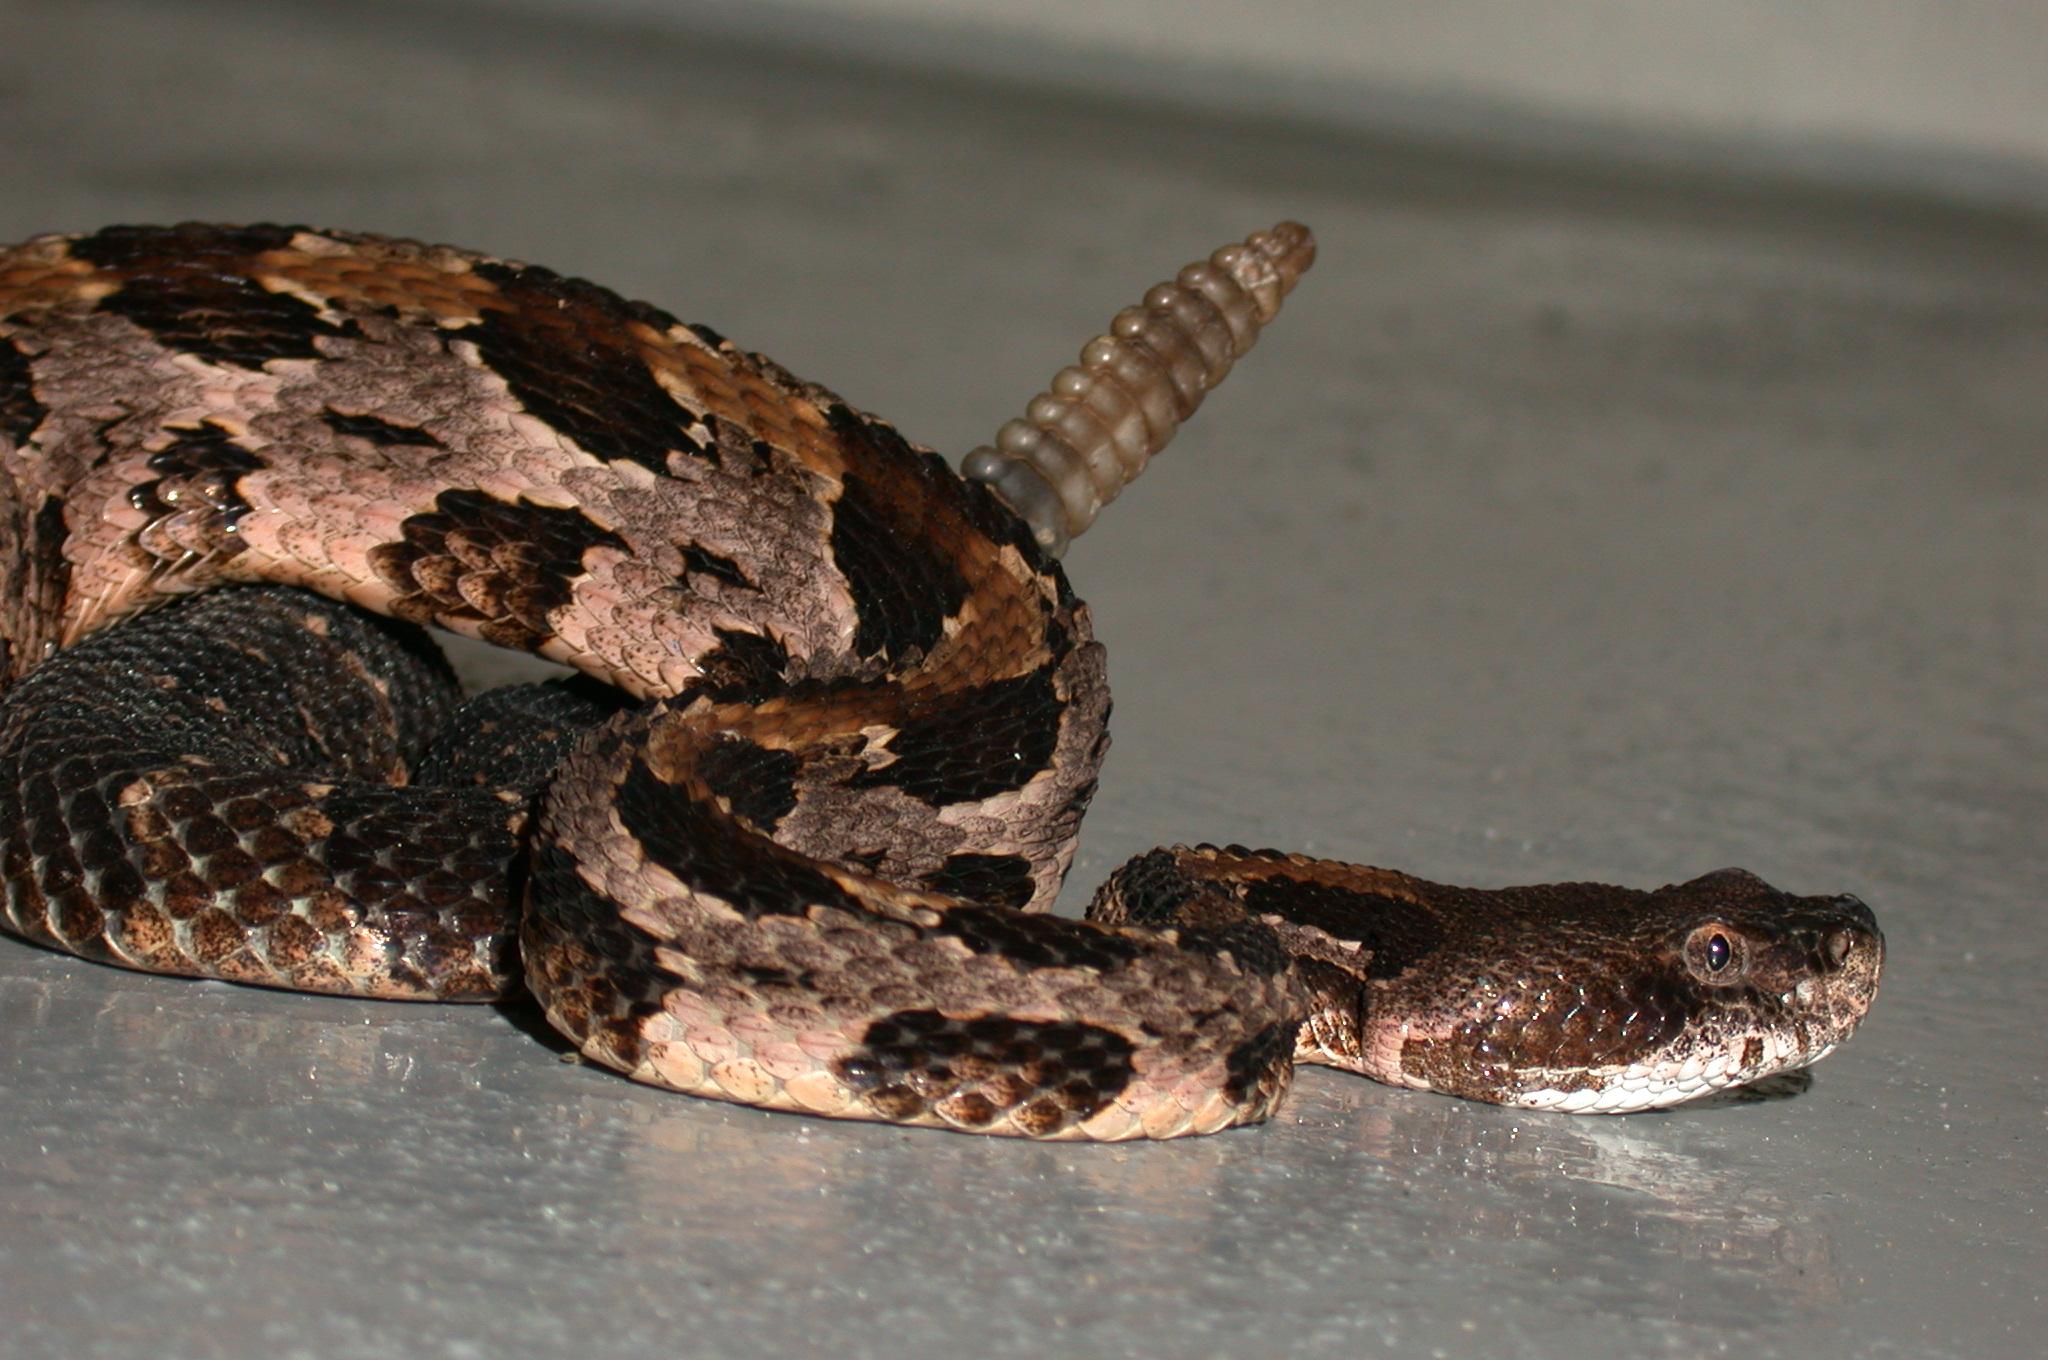 Timber rattlesnake. Image by Tim Walsh